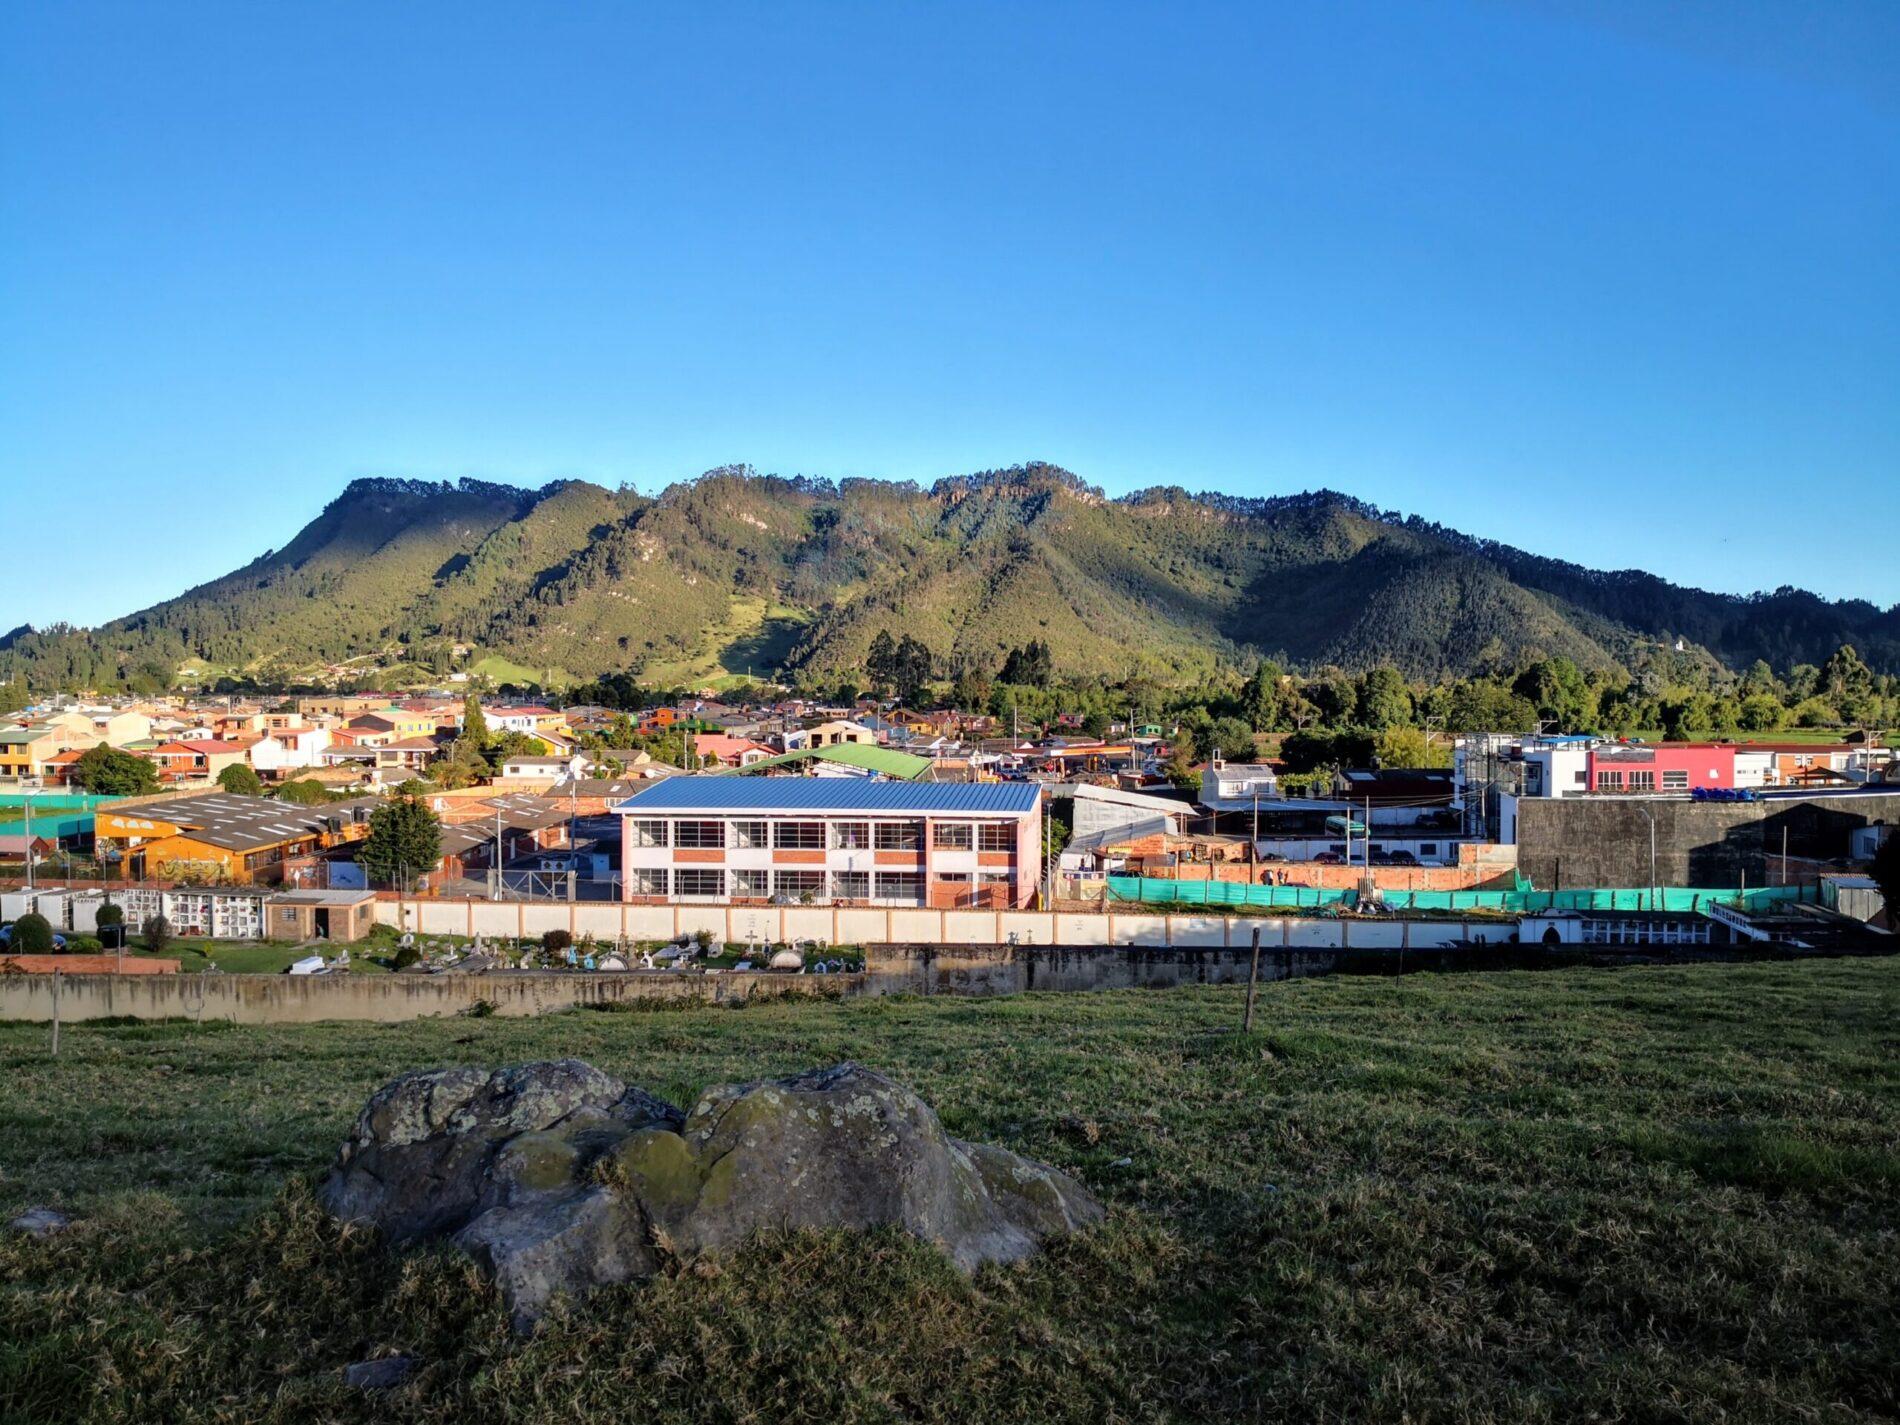 Vivir fuera de las ciudades, la tendencia en Colombia: Century 21